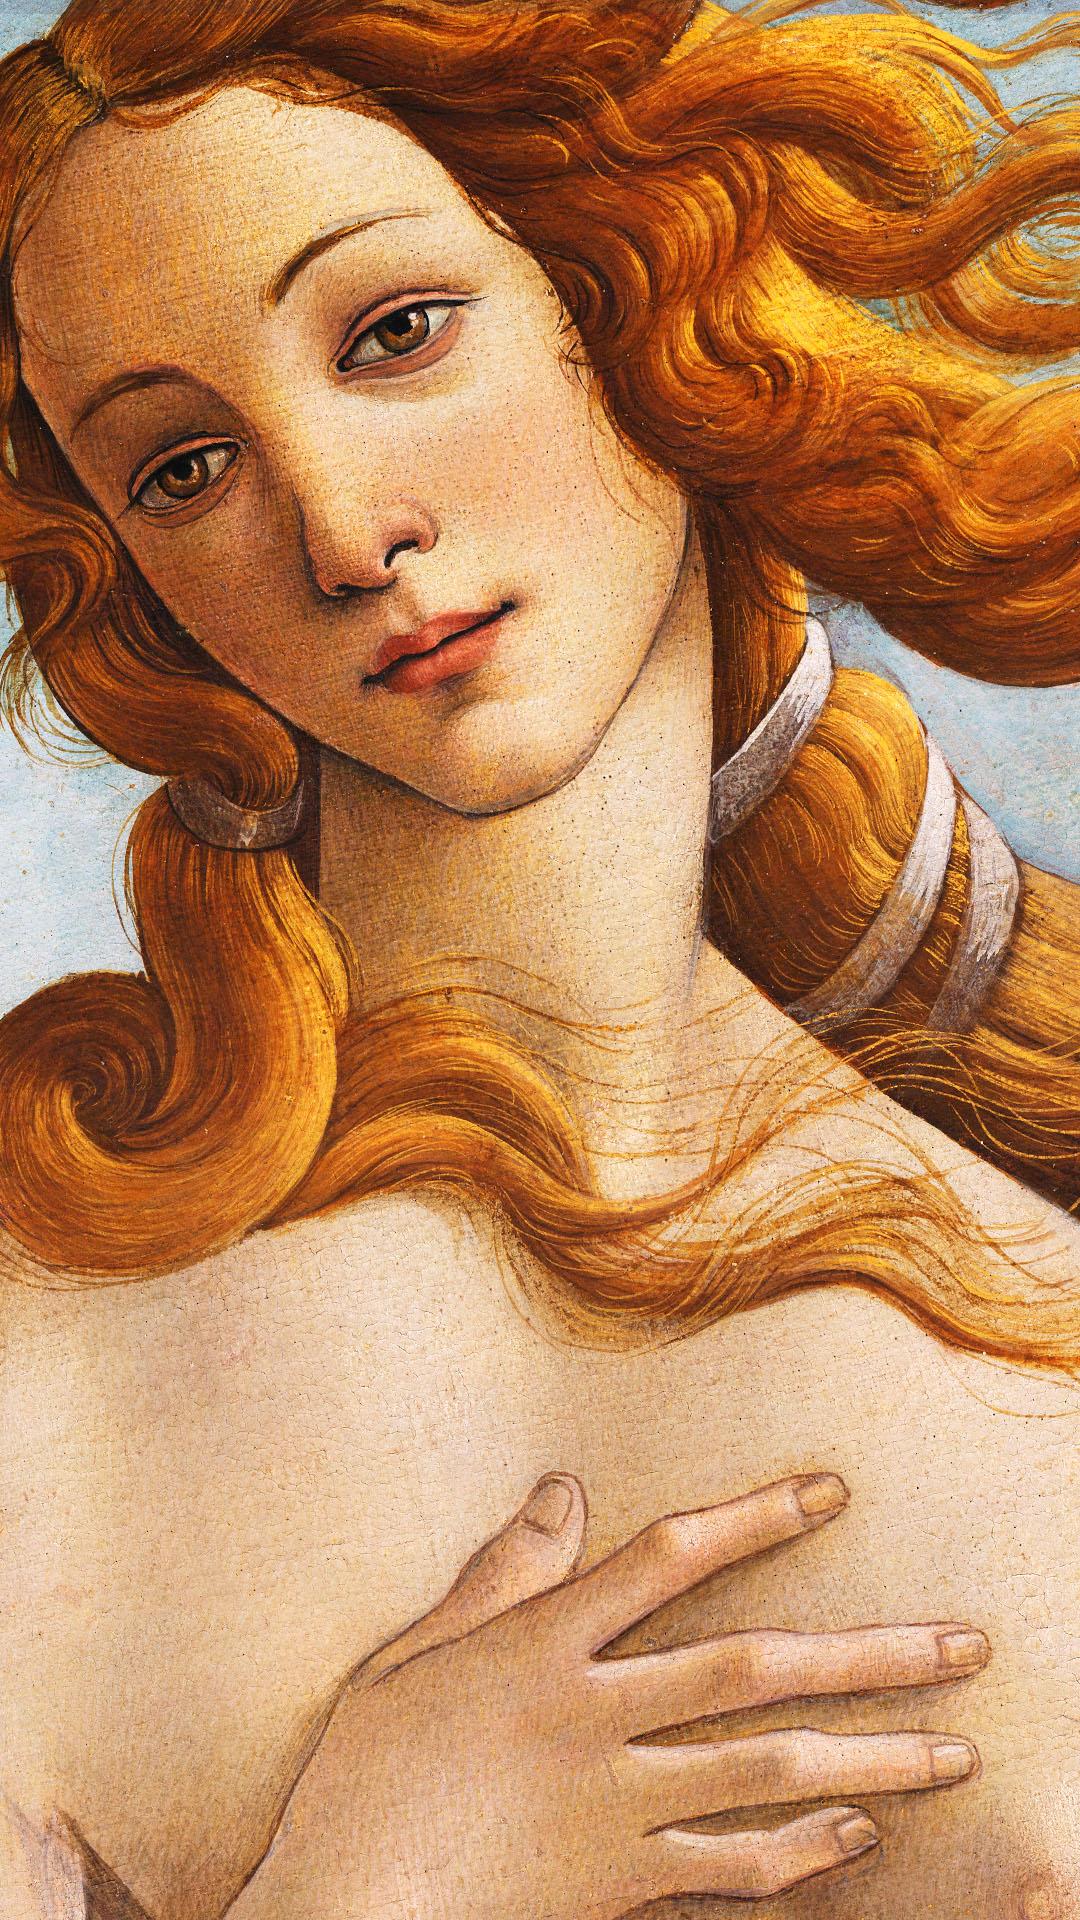 Sandro Botticelli - La nascita di Venere 1080x1920